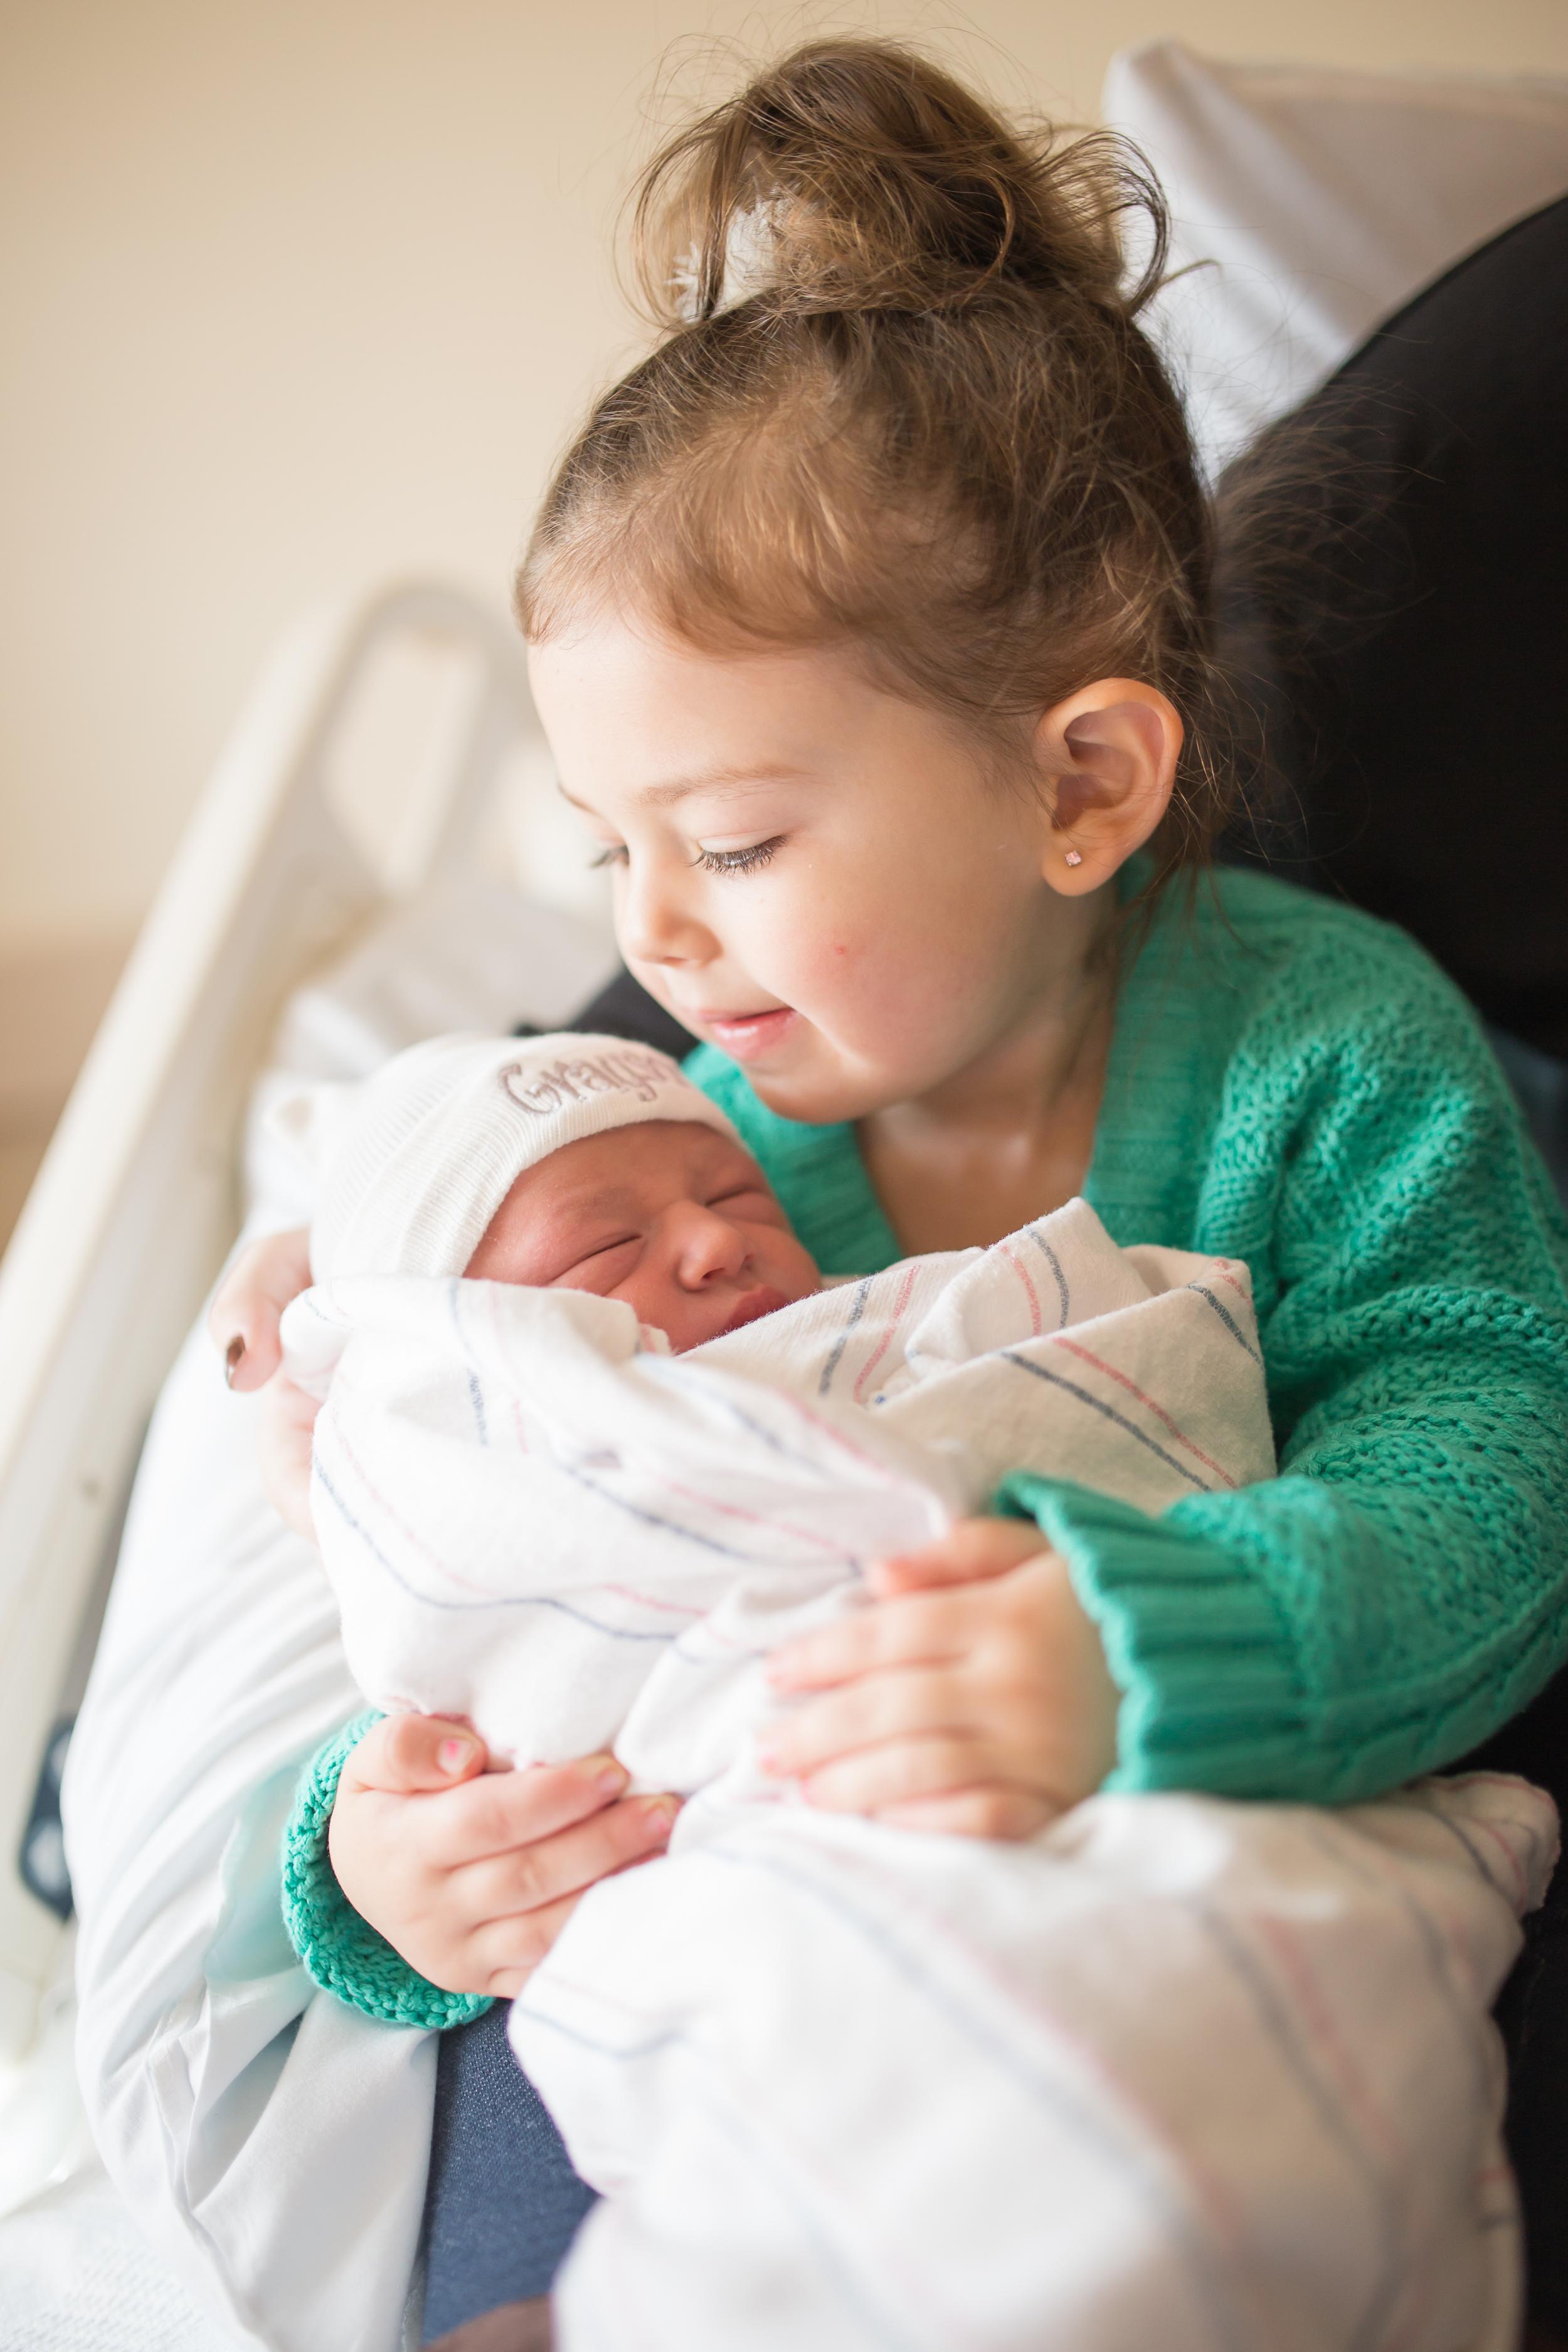 Toddler holds Newborn in-hospital in Boston Massachusetts